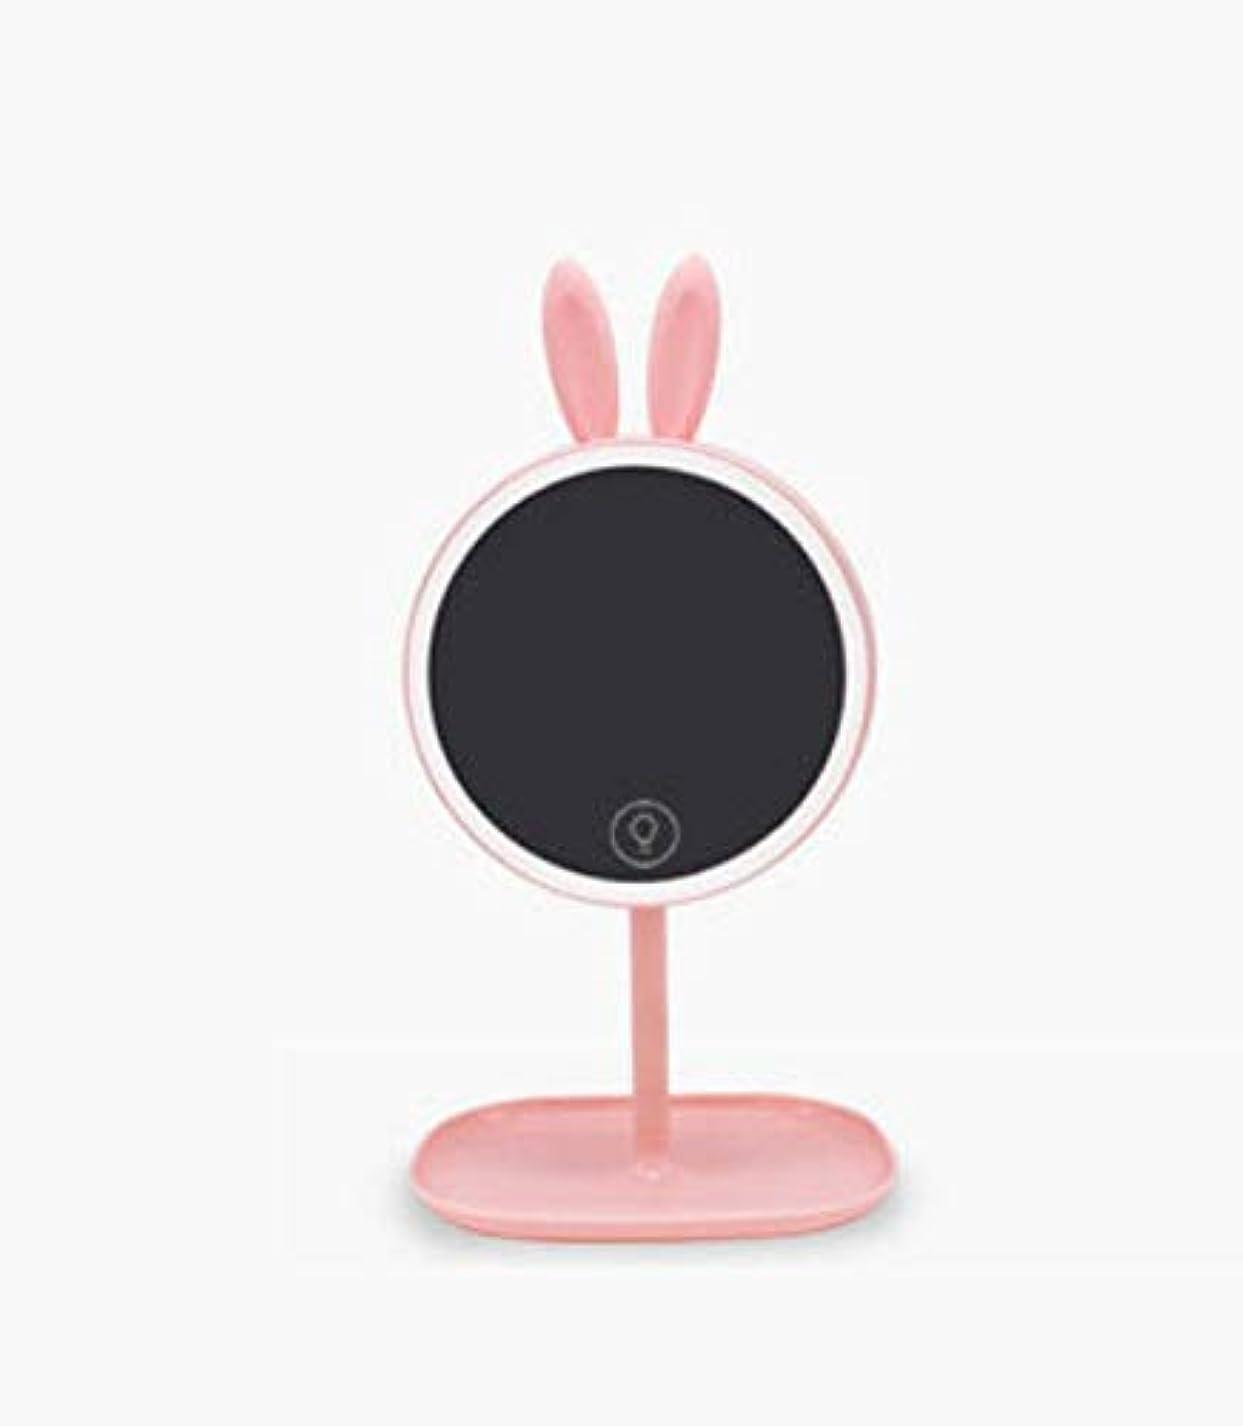 化粧鏡、かわいい軽い耳の化粧鏡テーブルランプ付きLedライト化粧ギフト (Color : ピンク)